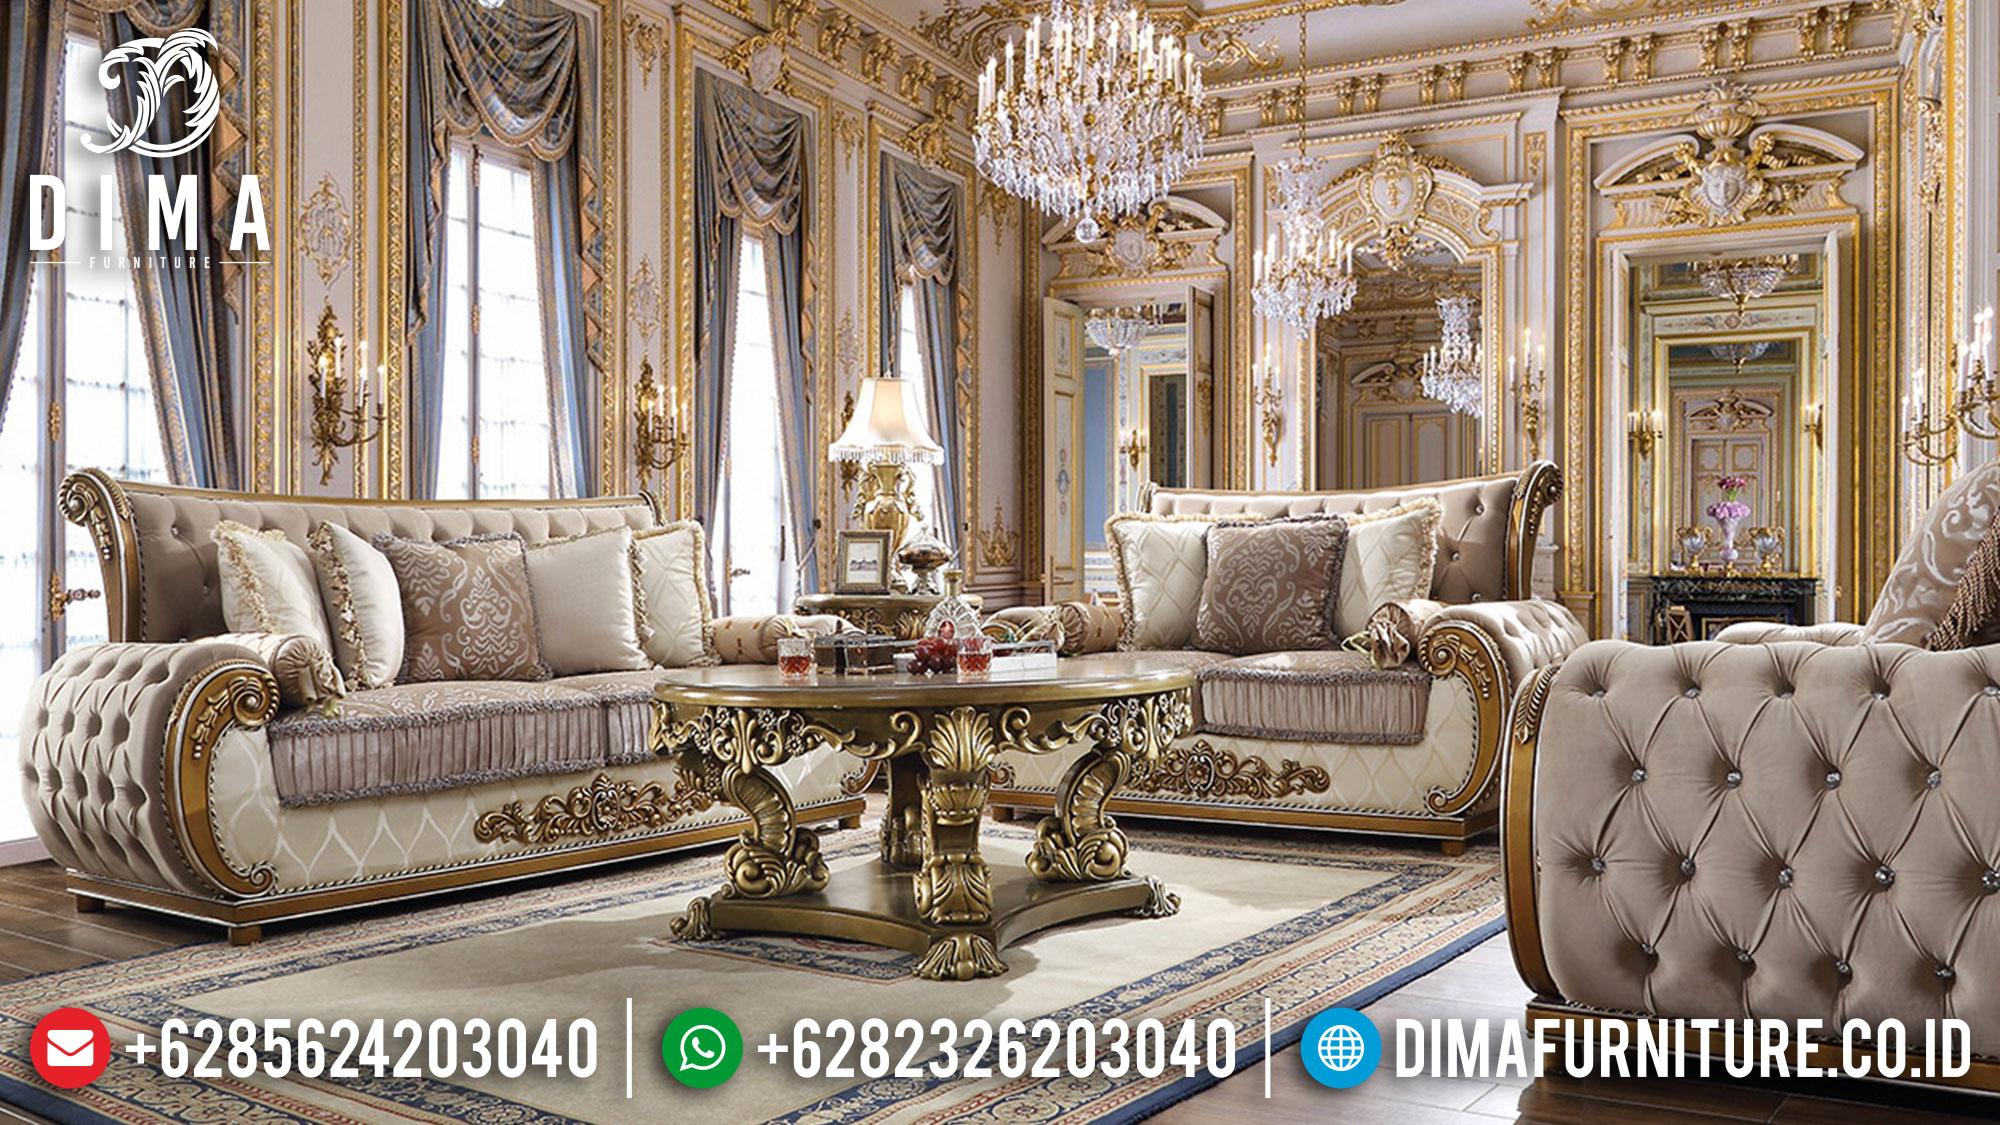 Sofa Tamu Mewah Terbaru Premiere Luxury Design Furniture Jepara Mm-0947